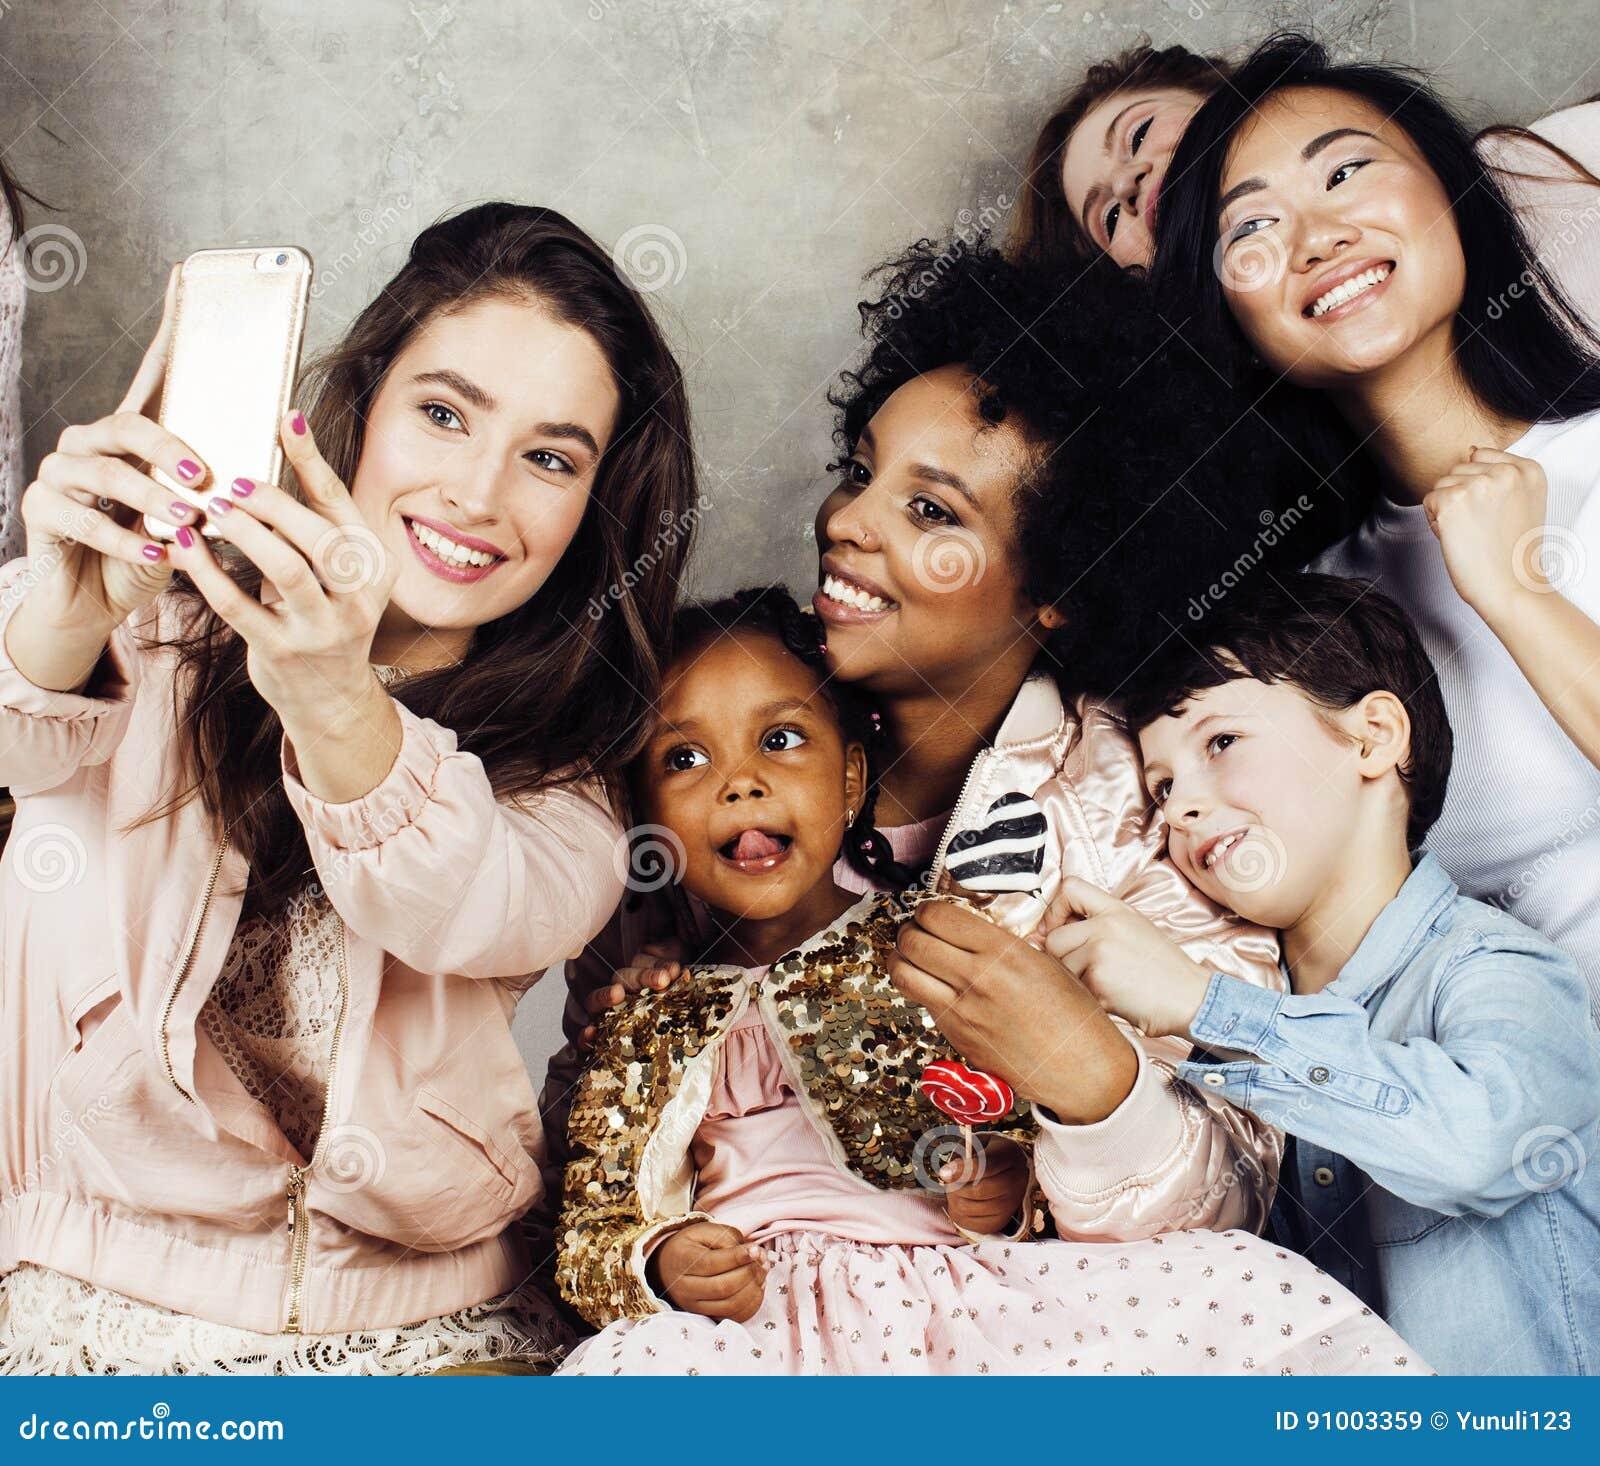 Stile di vita e concetto della gente: giovane donna graziosa di nazioni di diversità con differenti bambini di età che celebrano